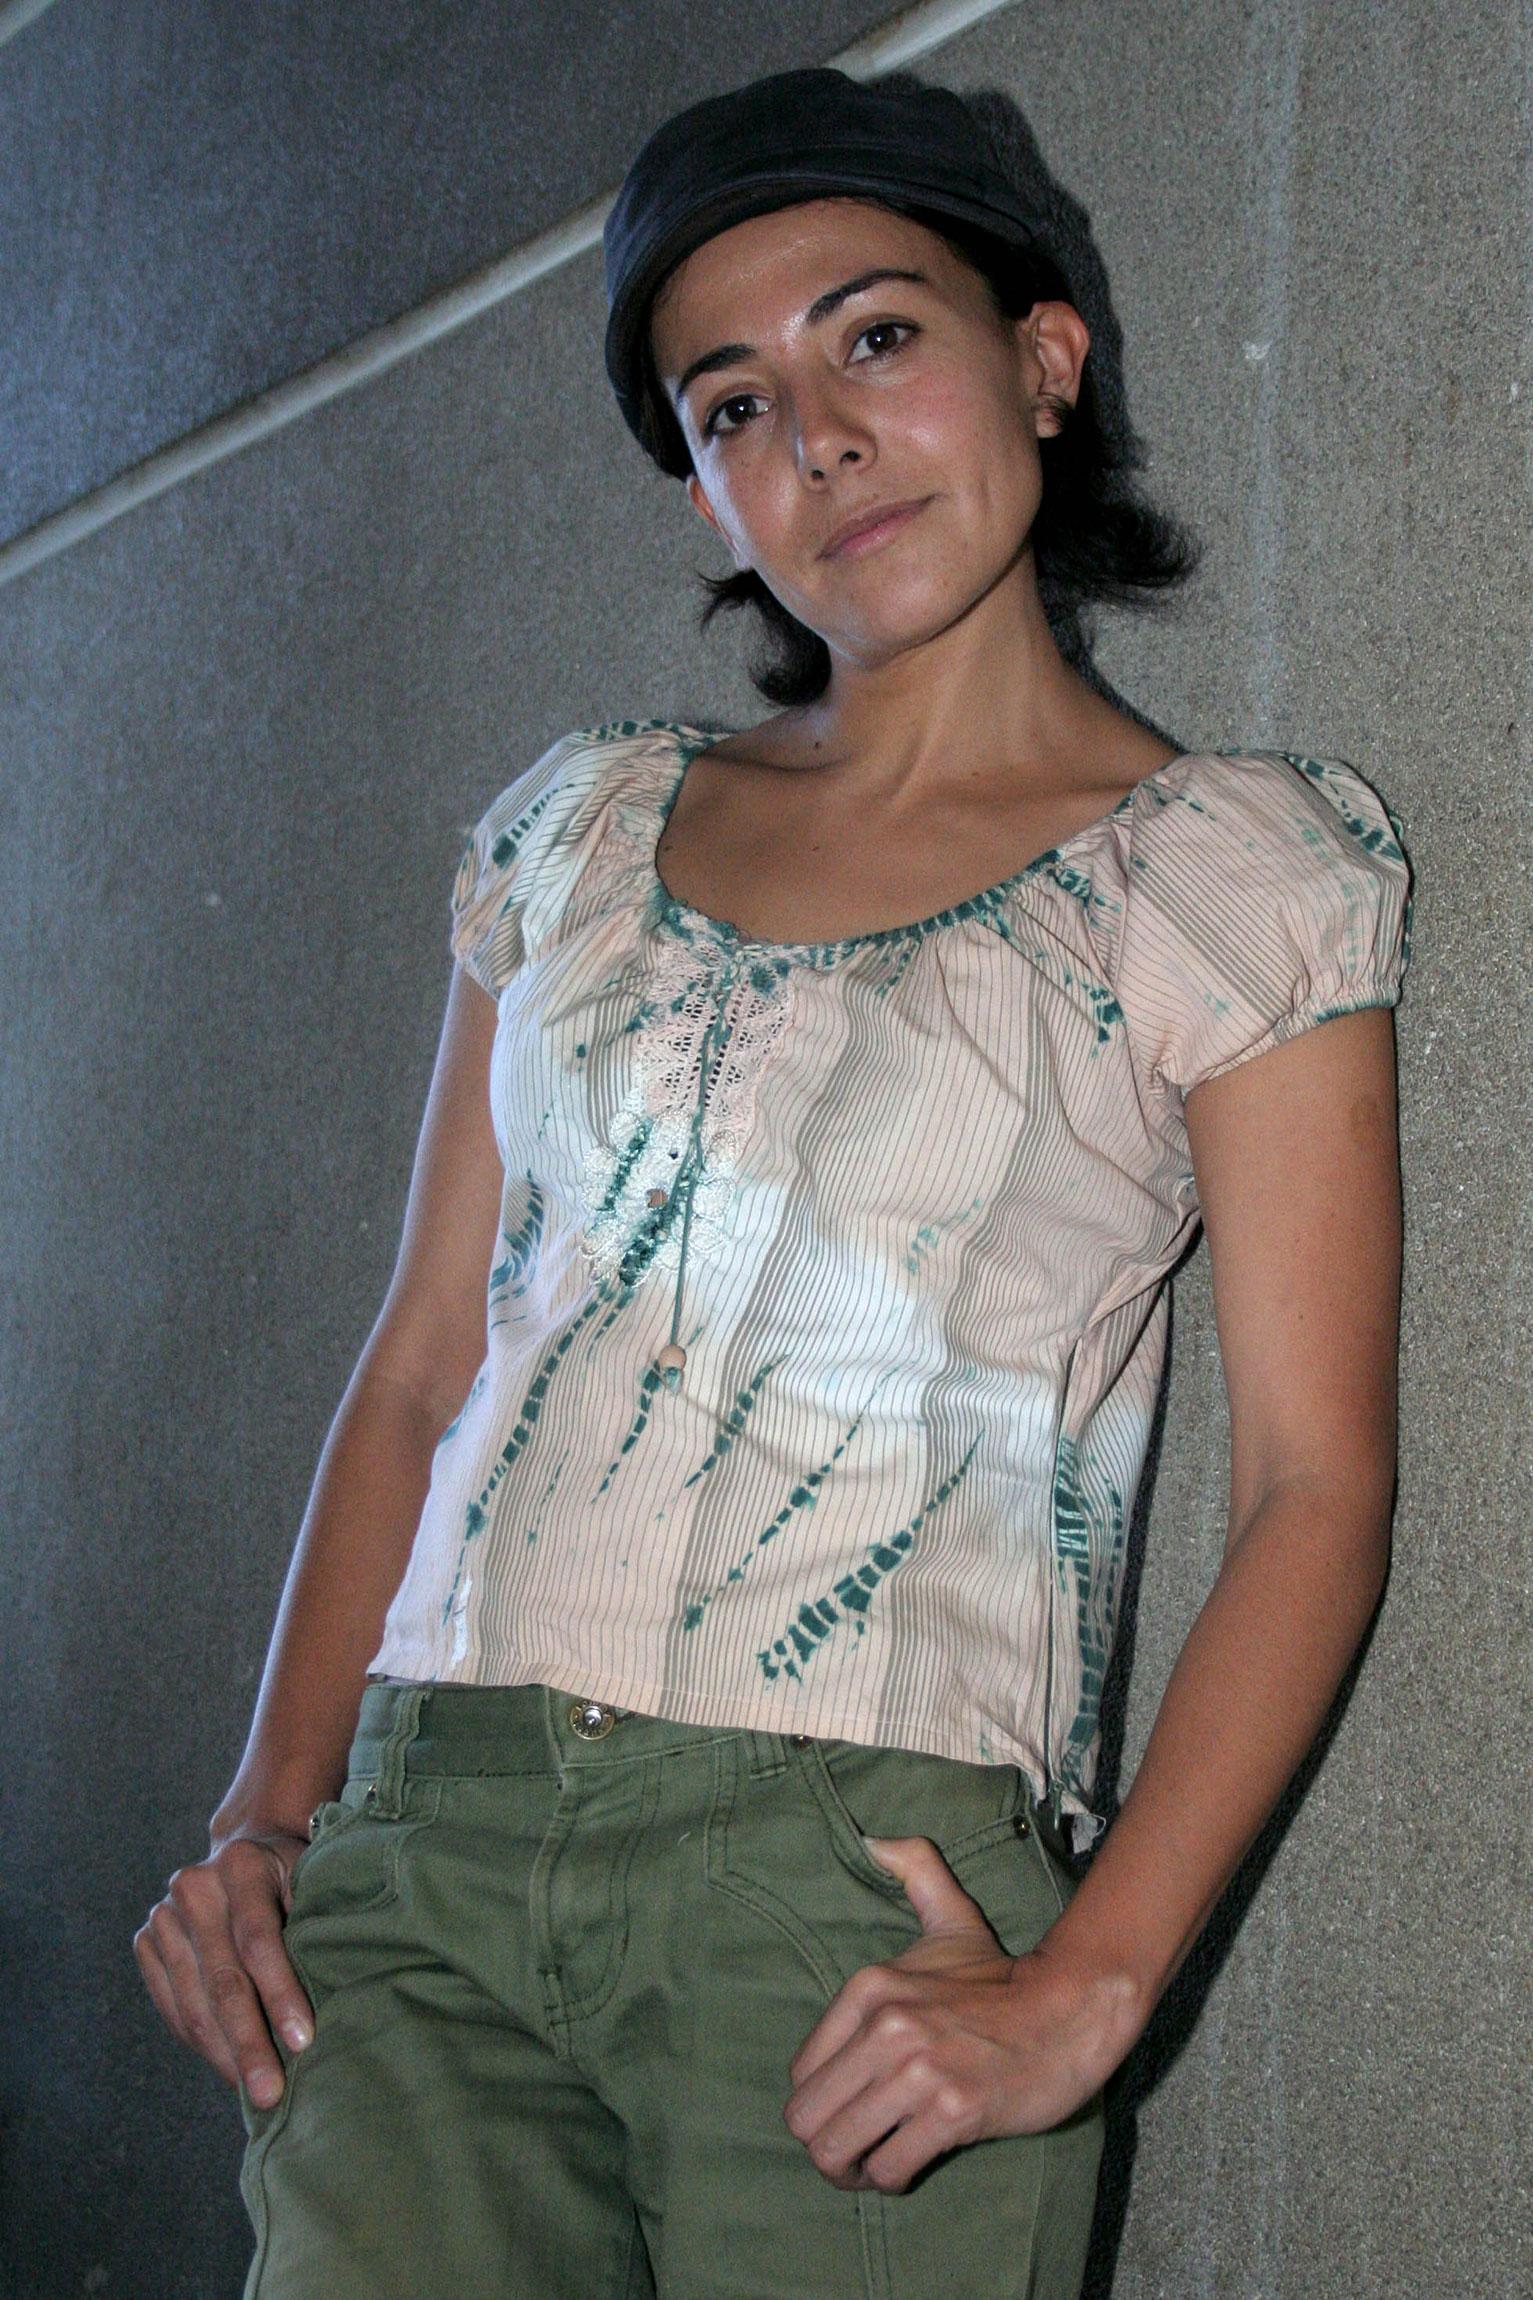 La actriz Evangelina Sosa. Fotografía: Cuartoscuro